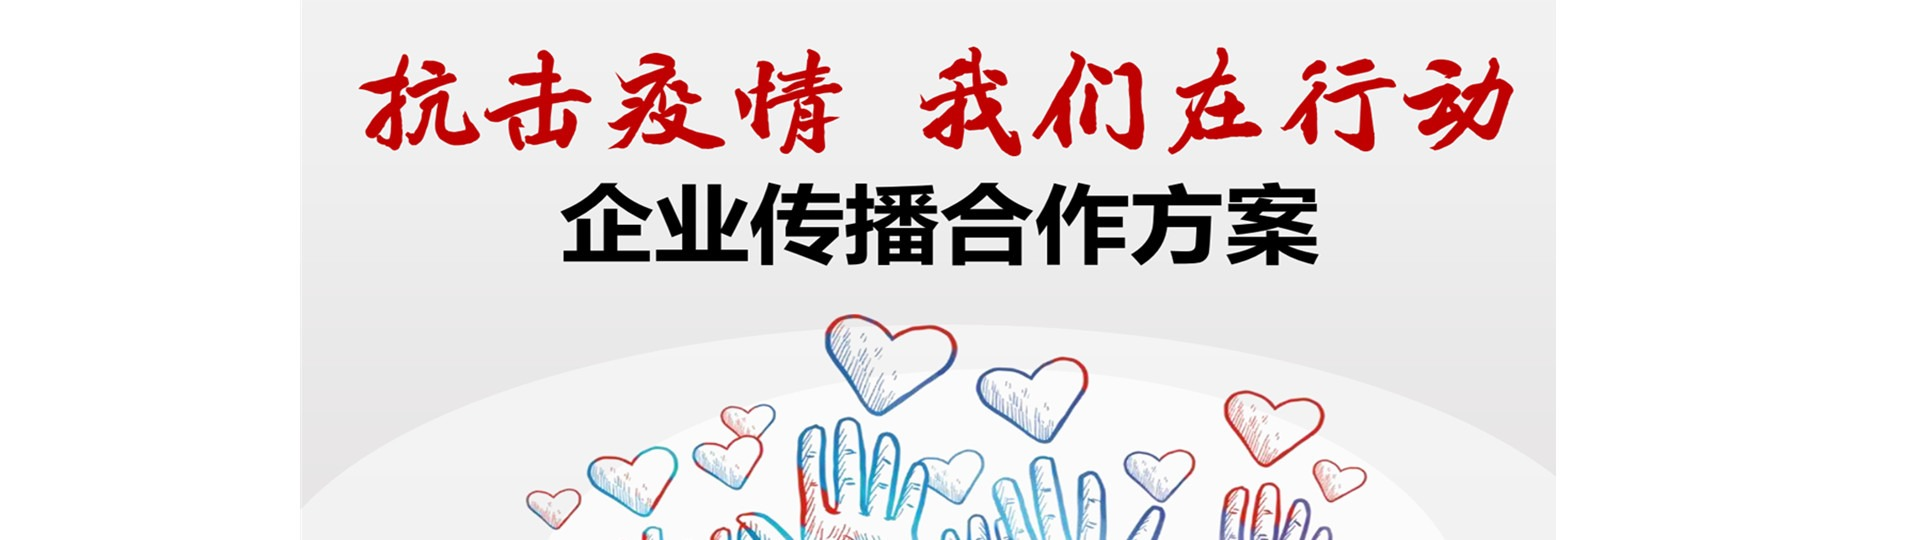 深圳广播电台抗击疫情企业传播合作方案